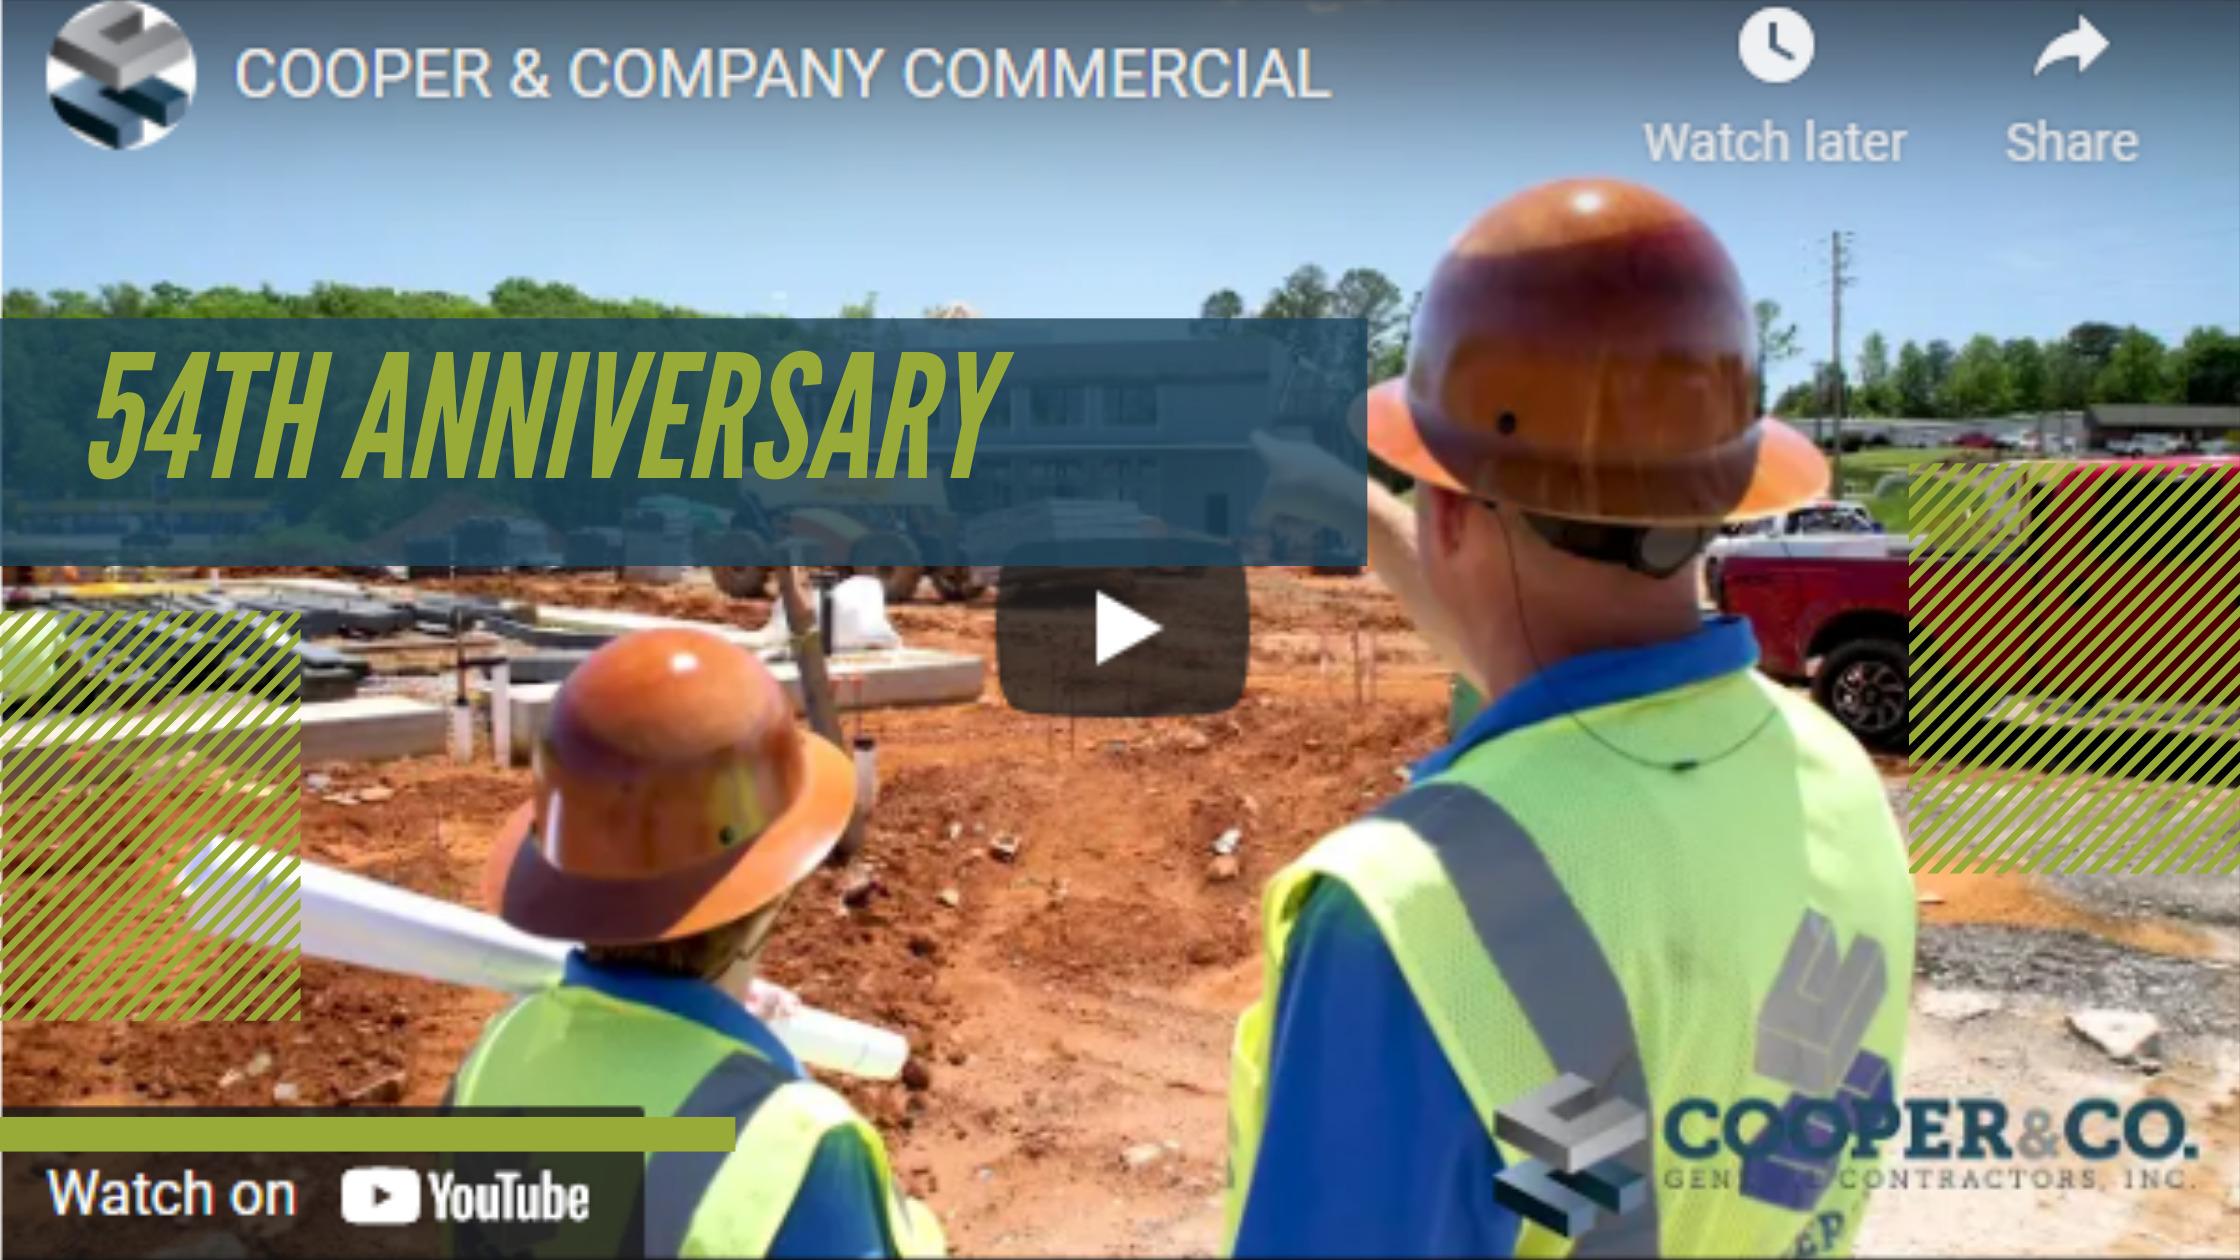 Cooper and Company celebrates 54th Anniversary